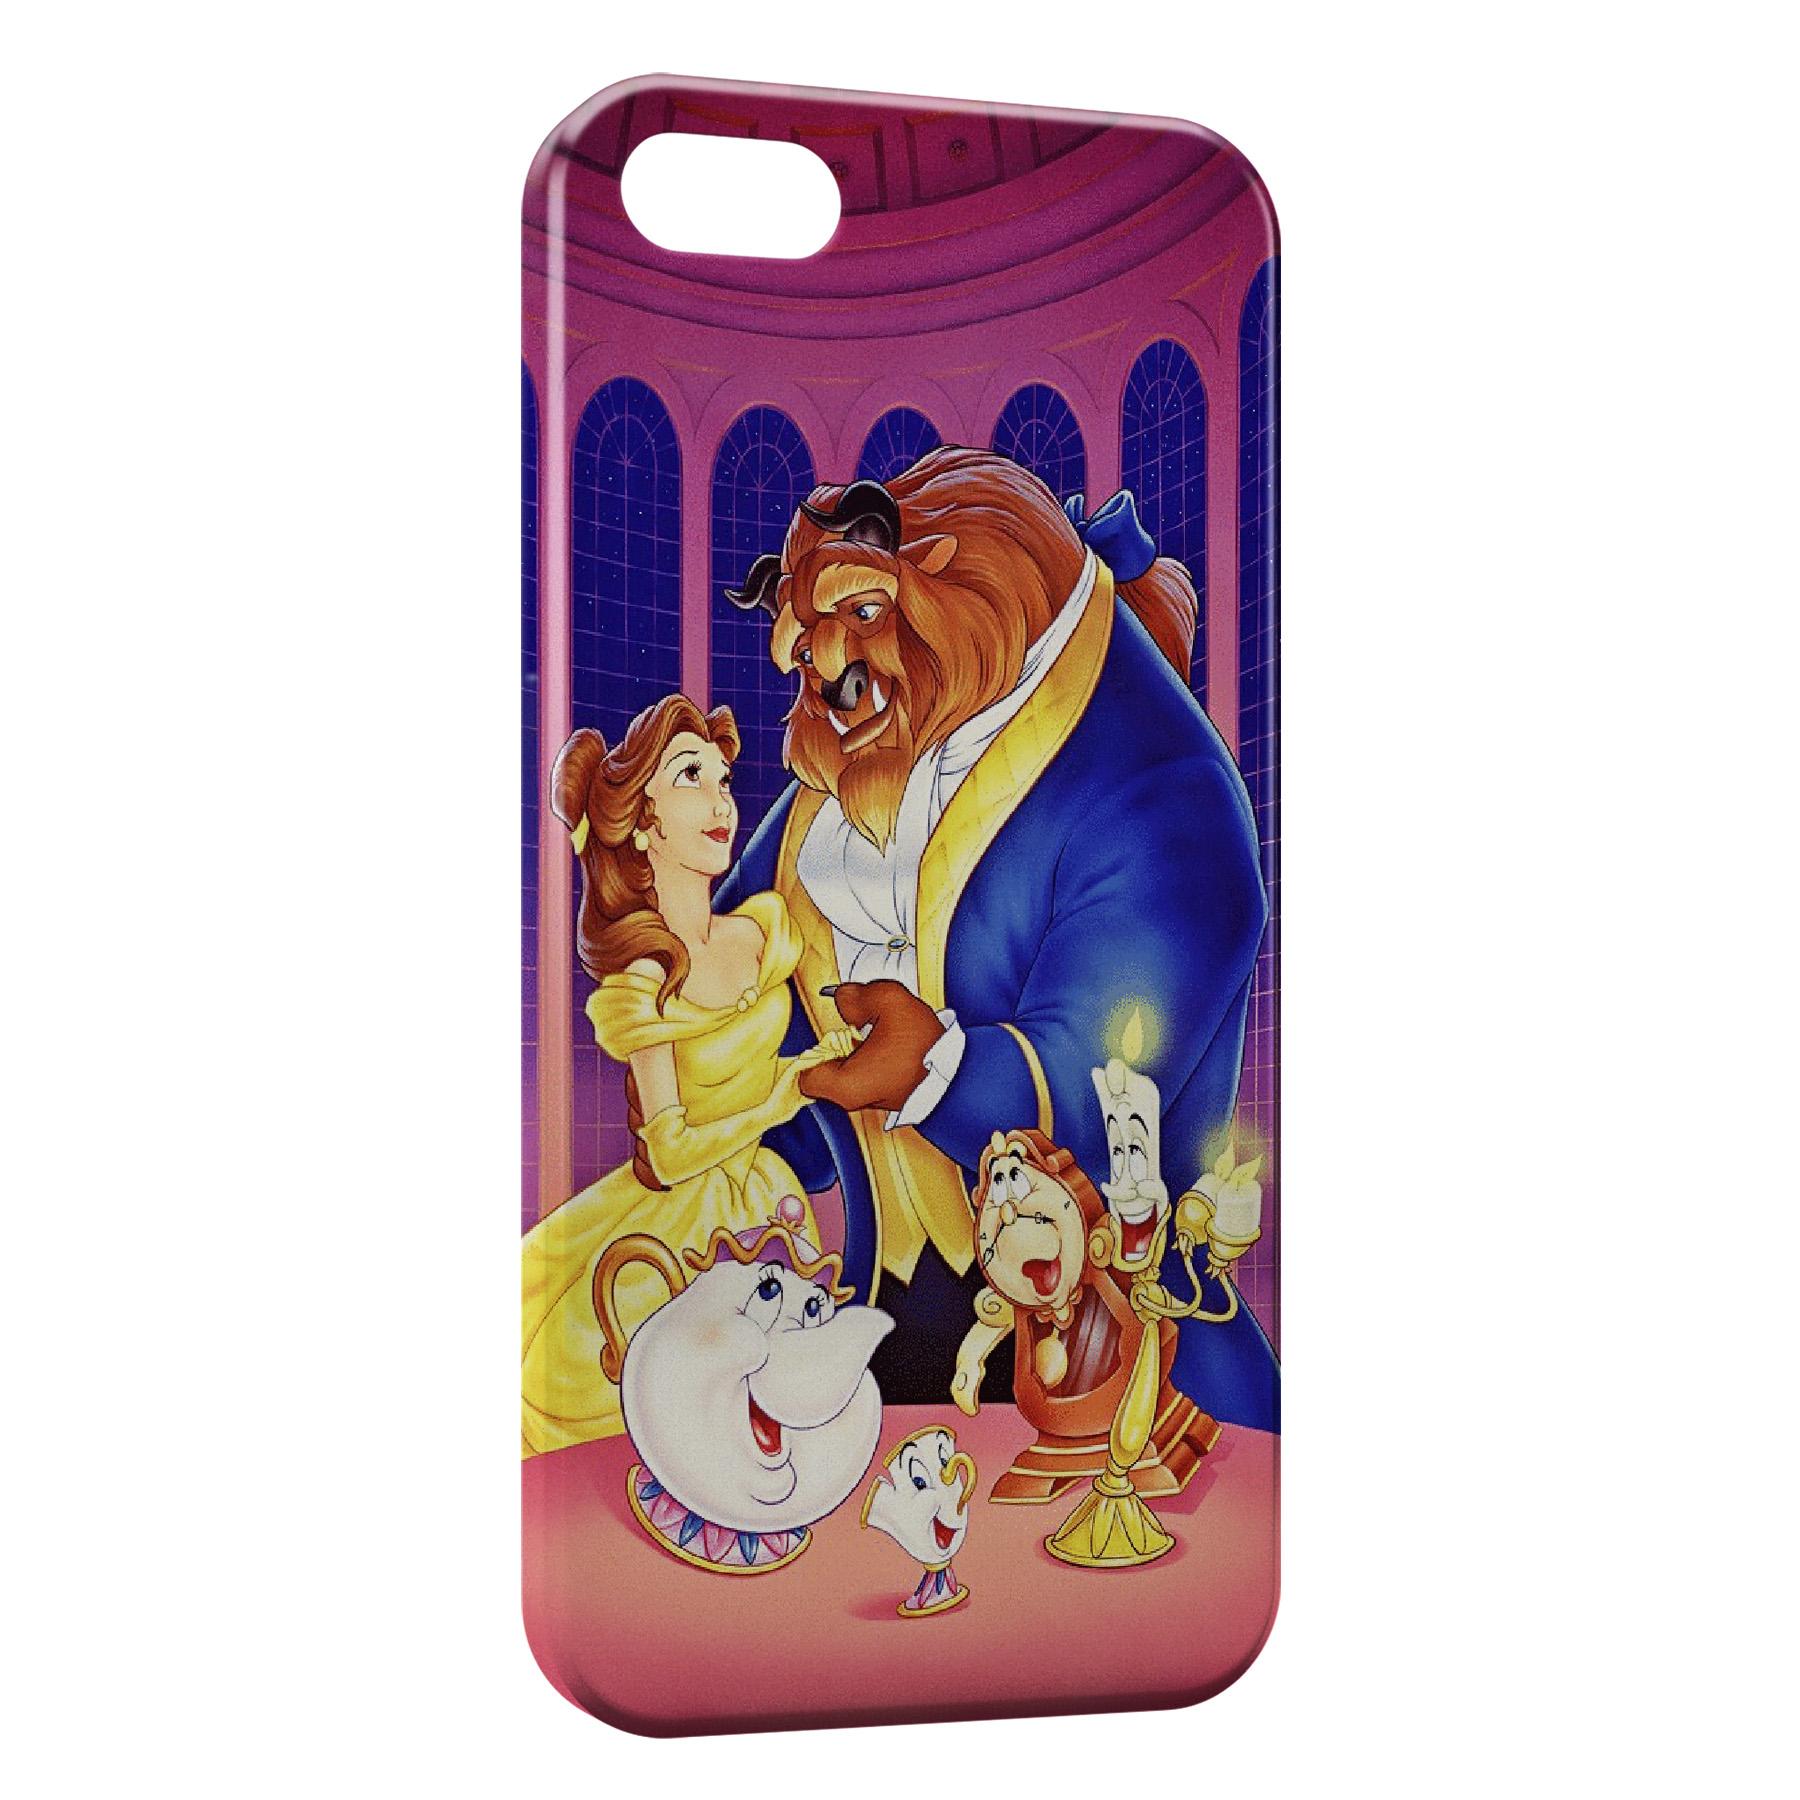 Coque iPhone 5C La Belle et La Bete 3